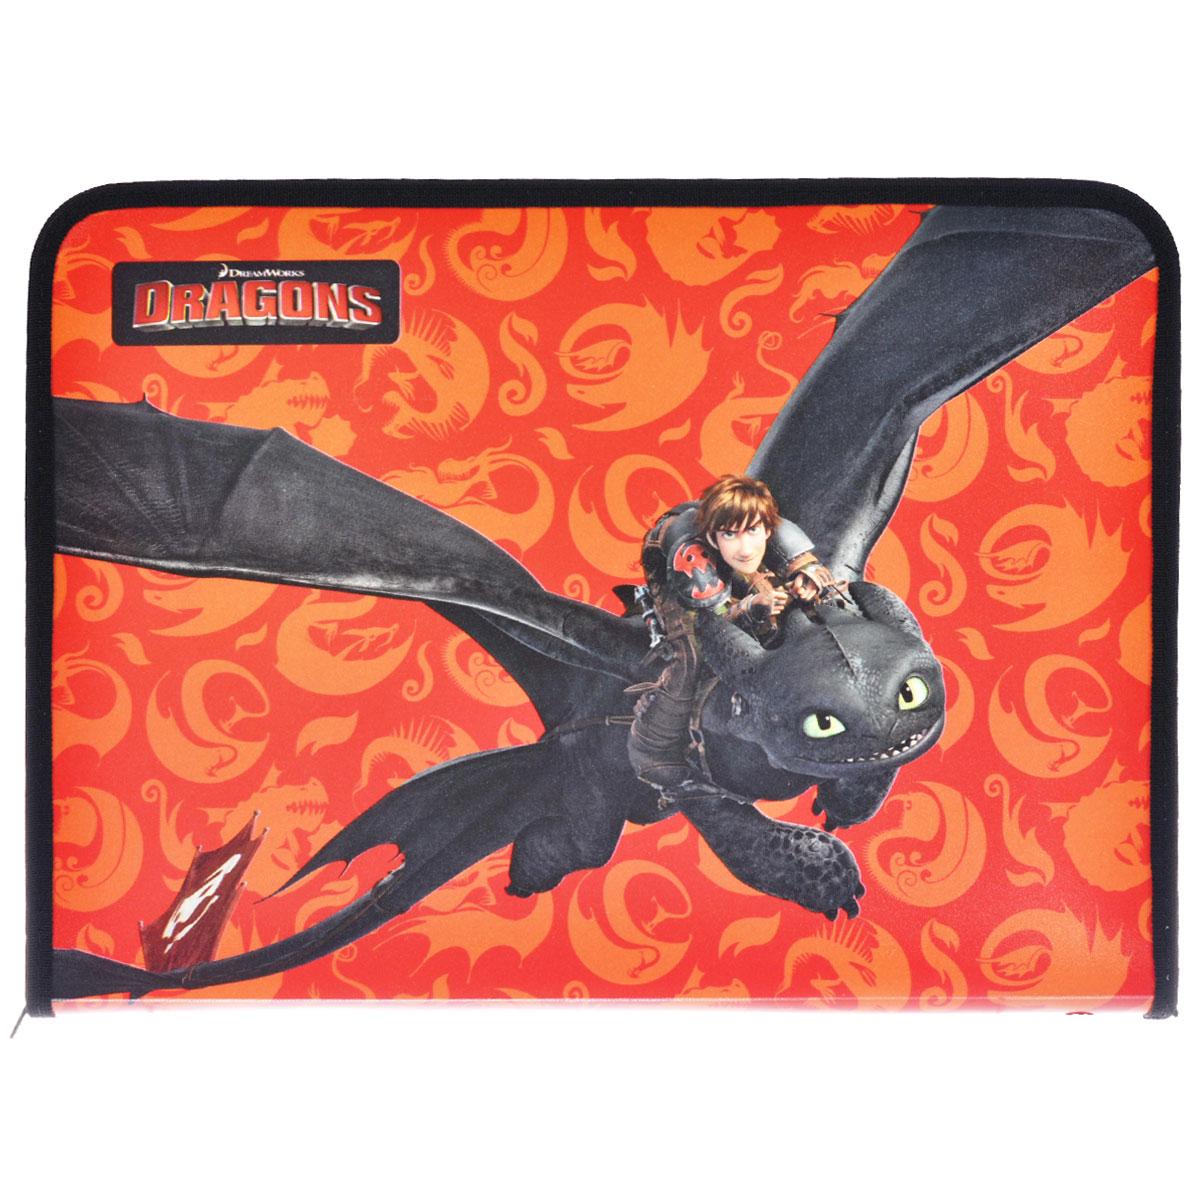 Папка для труда Action! Dragons, цвет: черный, оранжевыйC13S041944Папка для труда Action! Dragons предназначена для хранения тетрадей, рисунков и прочих бумаг, а также ручек, карандашей, ластиков и точилок. Папка оформлена изображением Иккинга и Беззубика - персонажей мультфильма Как приручить дракона. Внутри находится одно большое отделение с вкладышем, содержащим 11 фиксаторов для школьных принадлежностей. Закрывается папка на застежку-молнию.Яркая и удобная, такая папка непременно понравится вашему ребенку.